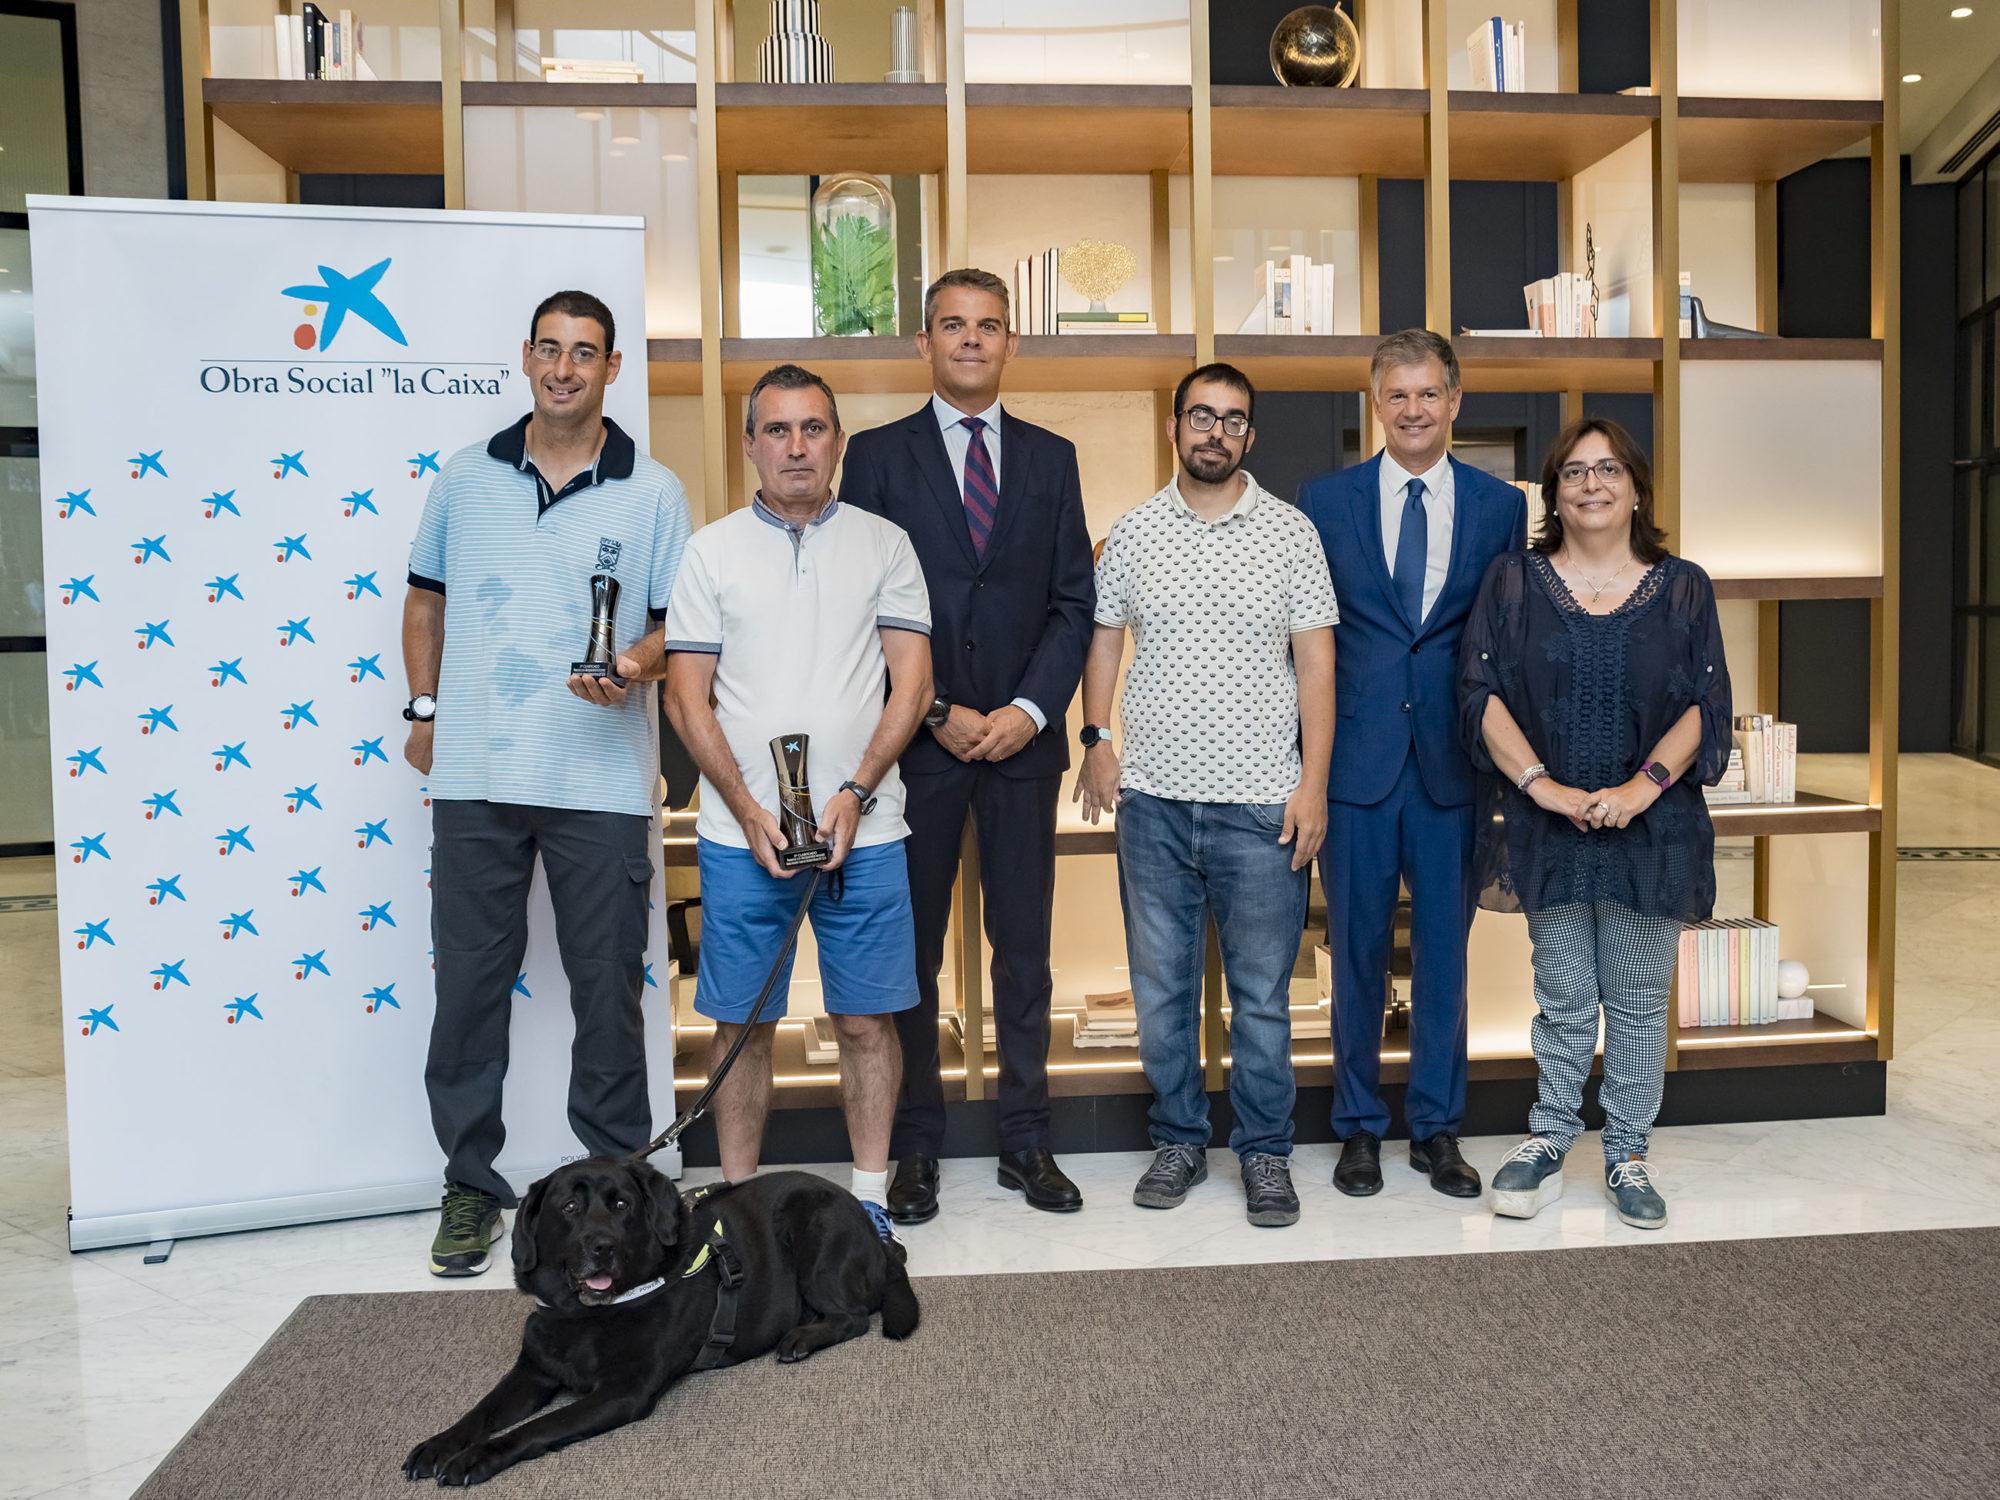 2. Xicu Costa, Vicente Sanz y Pilar Javaloyes, presidenta de FESA (Federació d'Esports Adaptats de la Comunitat Valenciana), junto a atletas que participan en las categorías de personas con discapacidad de las pruebas.